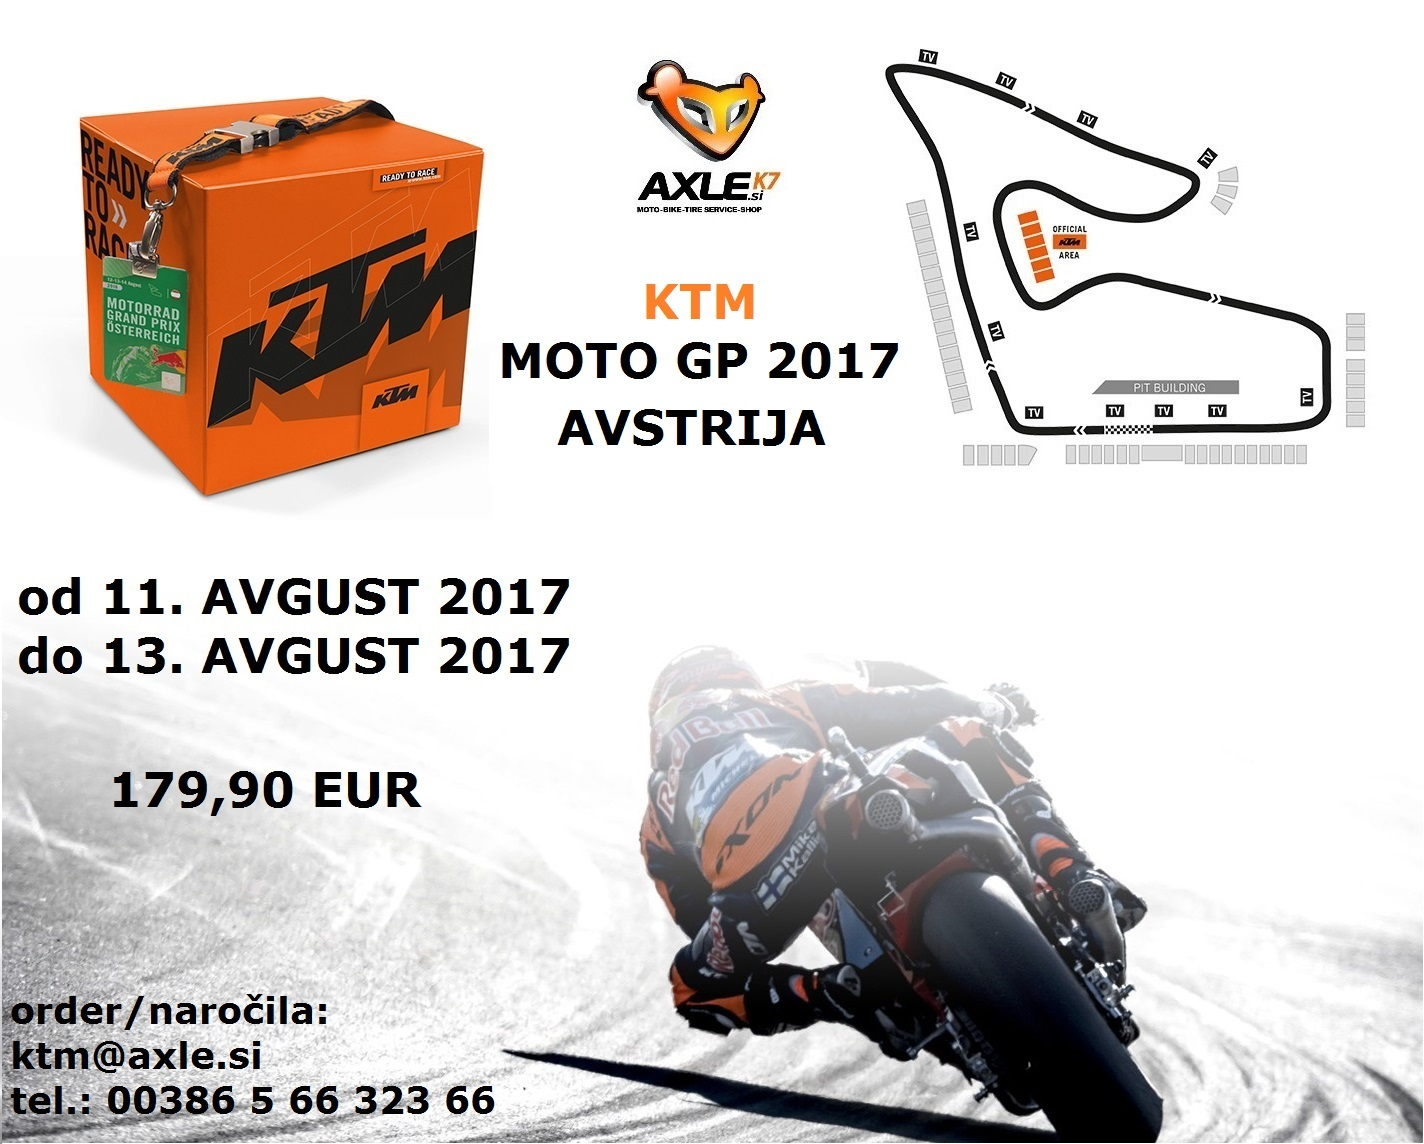 Moto GP AVSTRIJA 2017 (11.08.2017-13.08.2017)